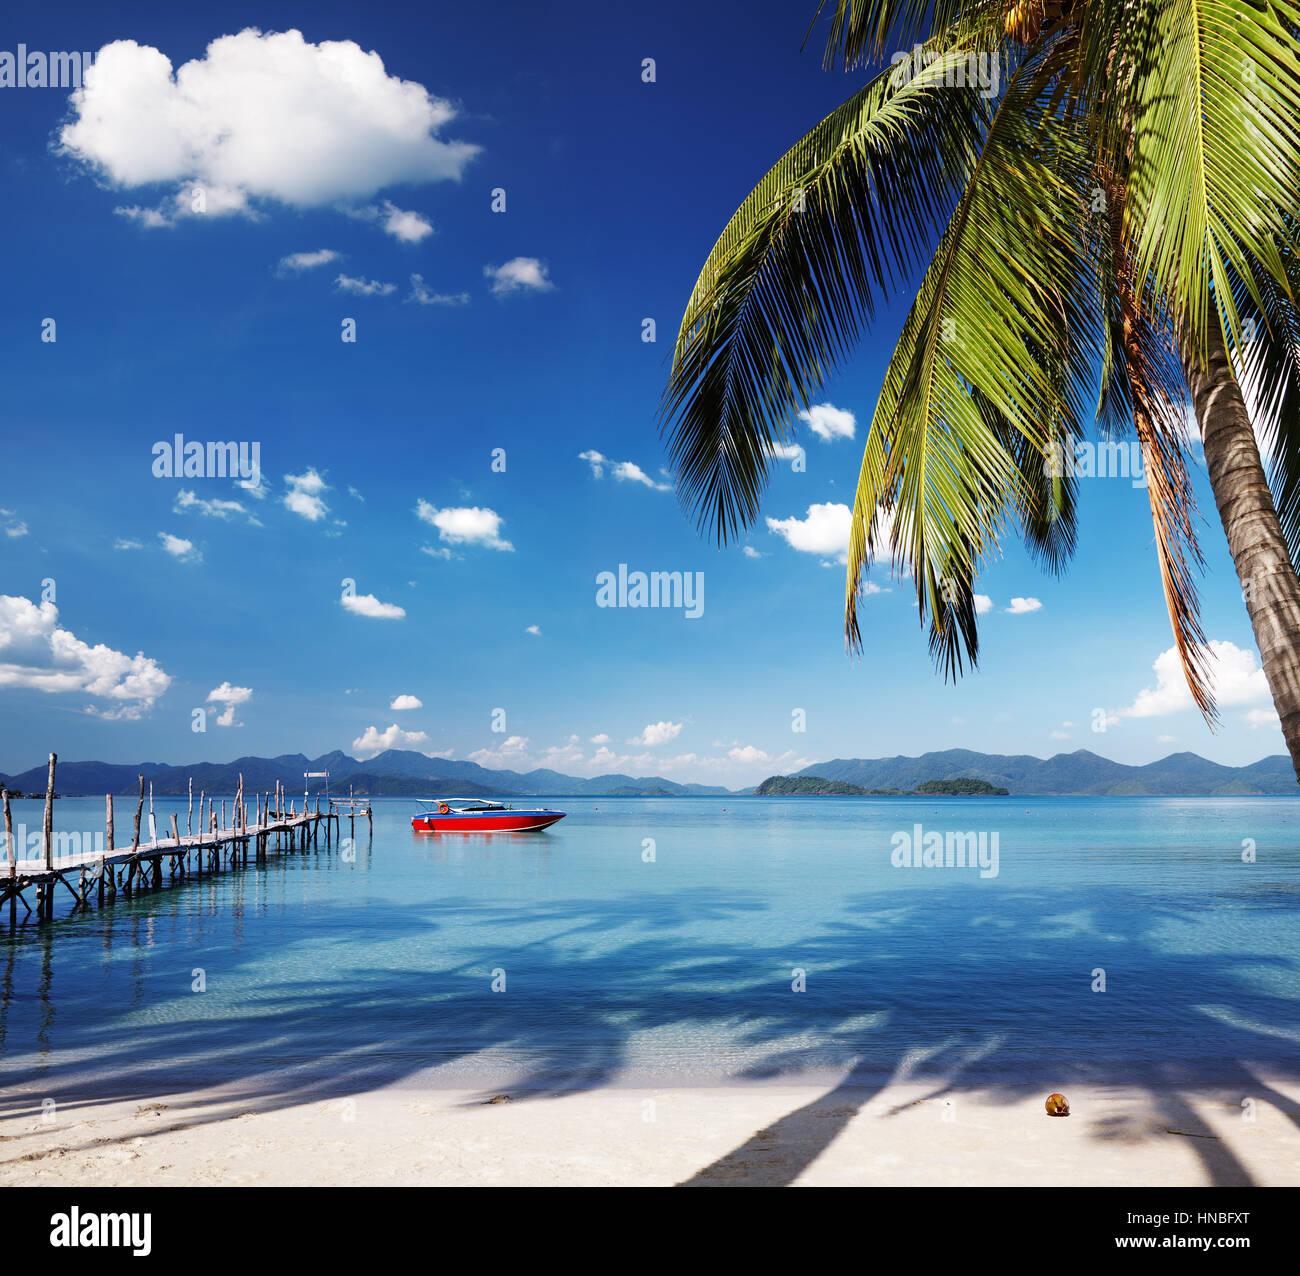 Isola tropicale, da qualche parte in Thailandia Immagini Stock